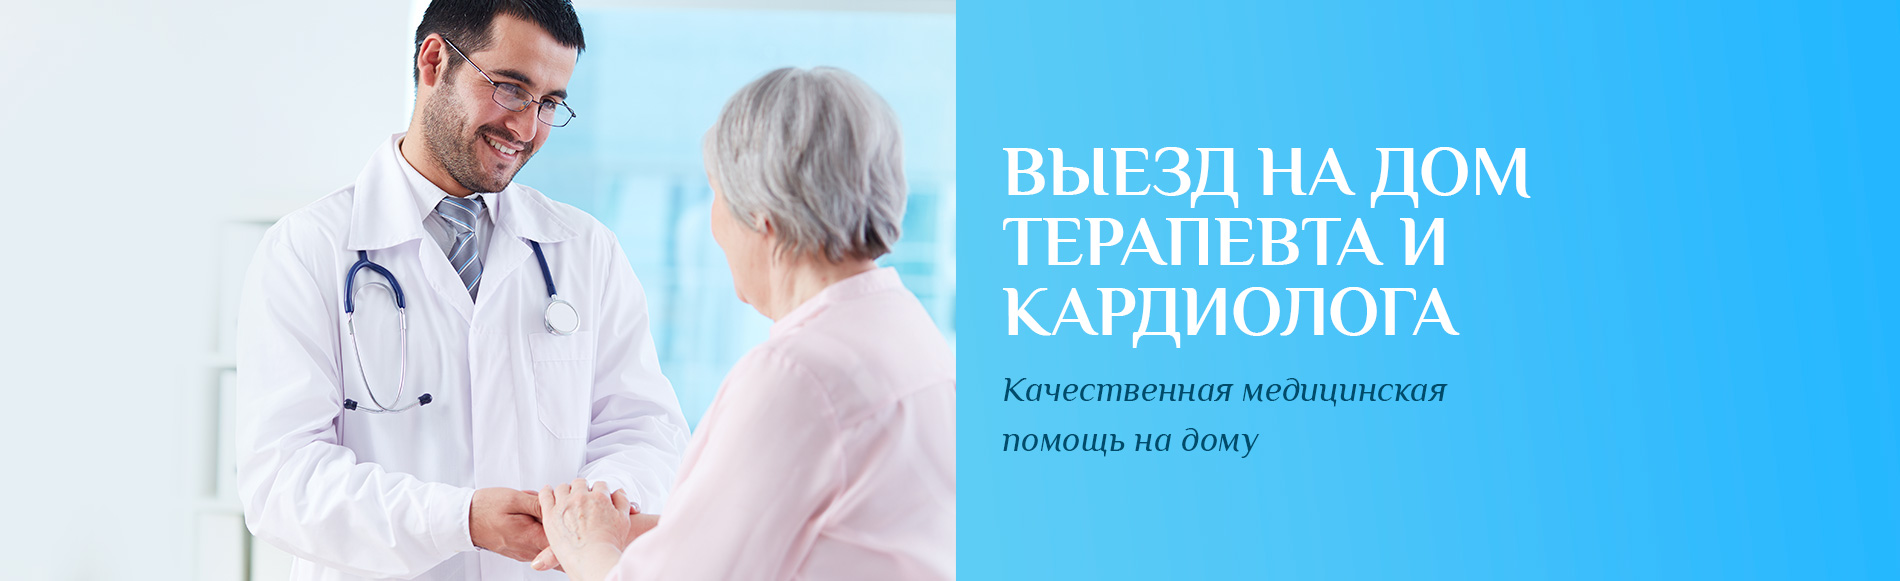 http://zdorovie-plus.com/news/vyezd-terapevta-na-dom